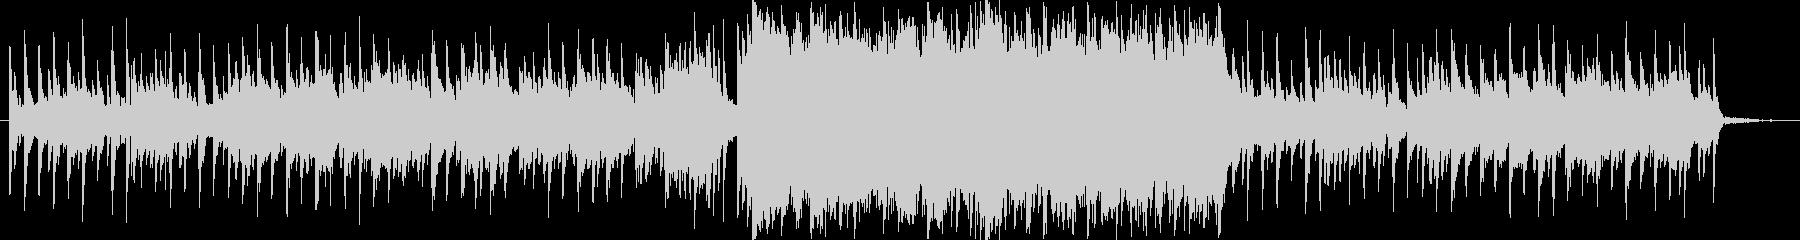 叙情的なピアノのバラードの未再生の波形